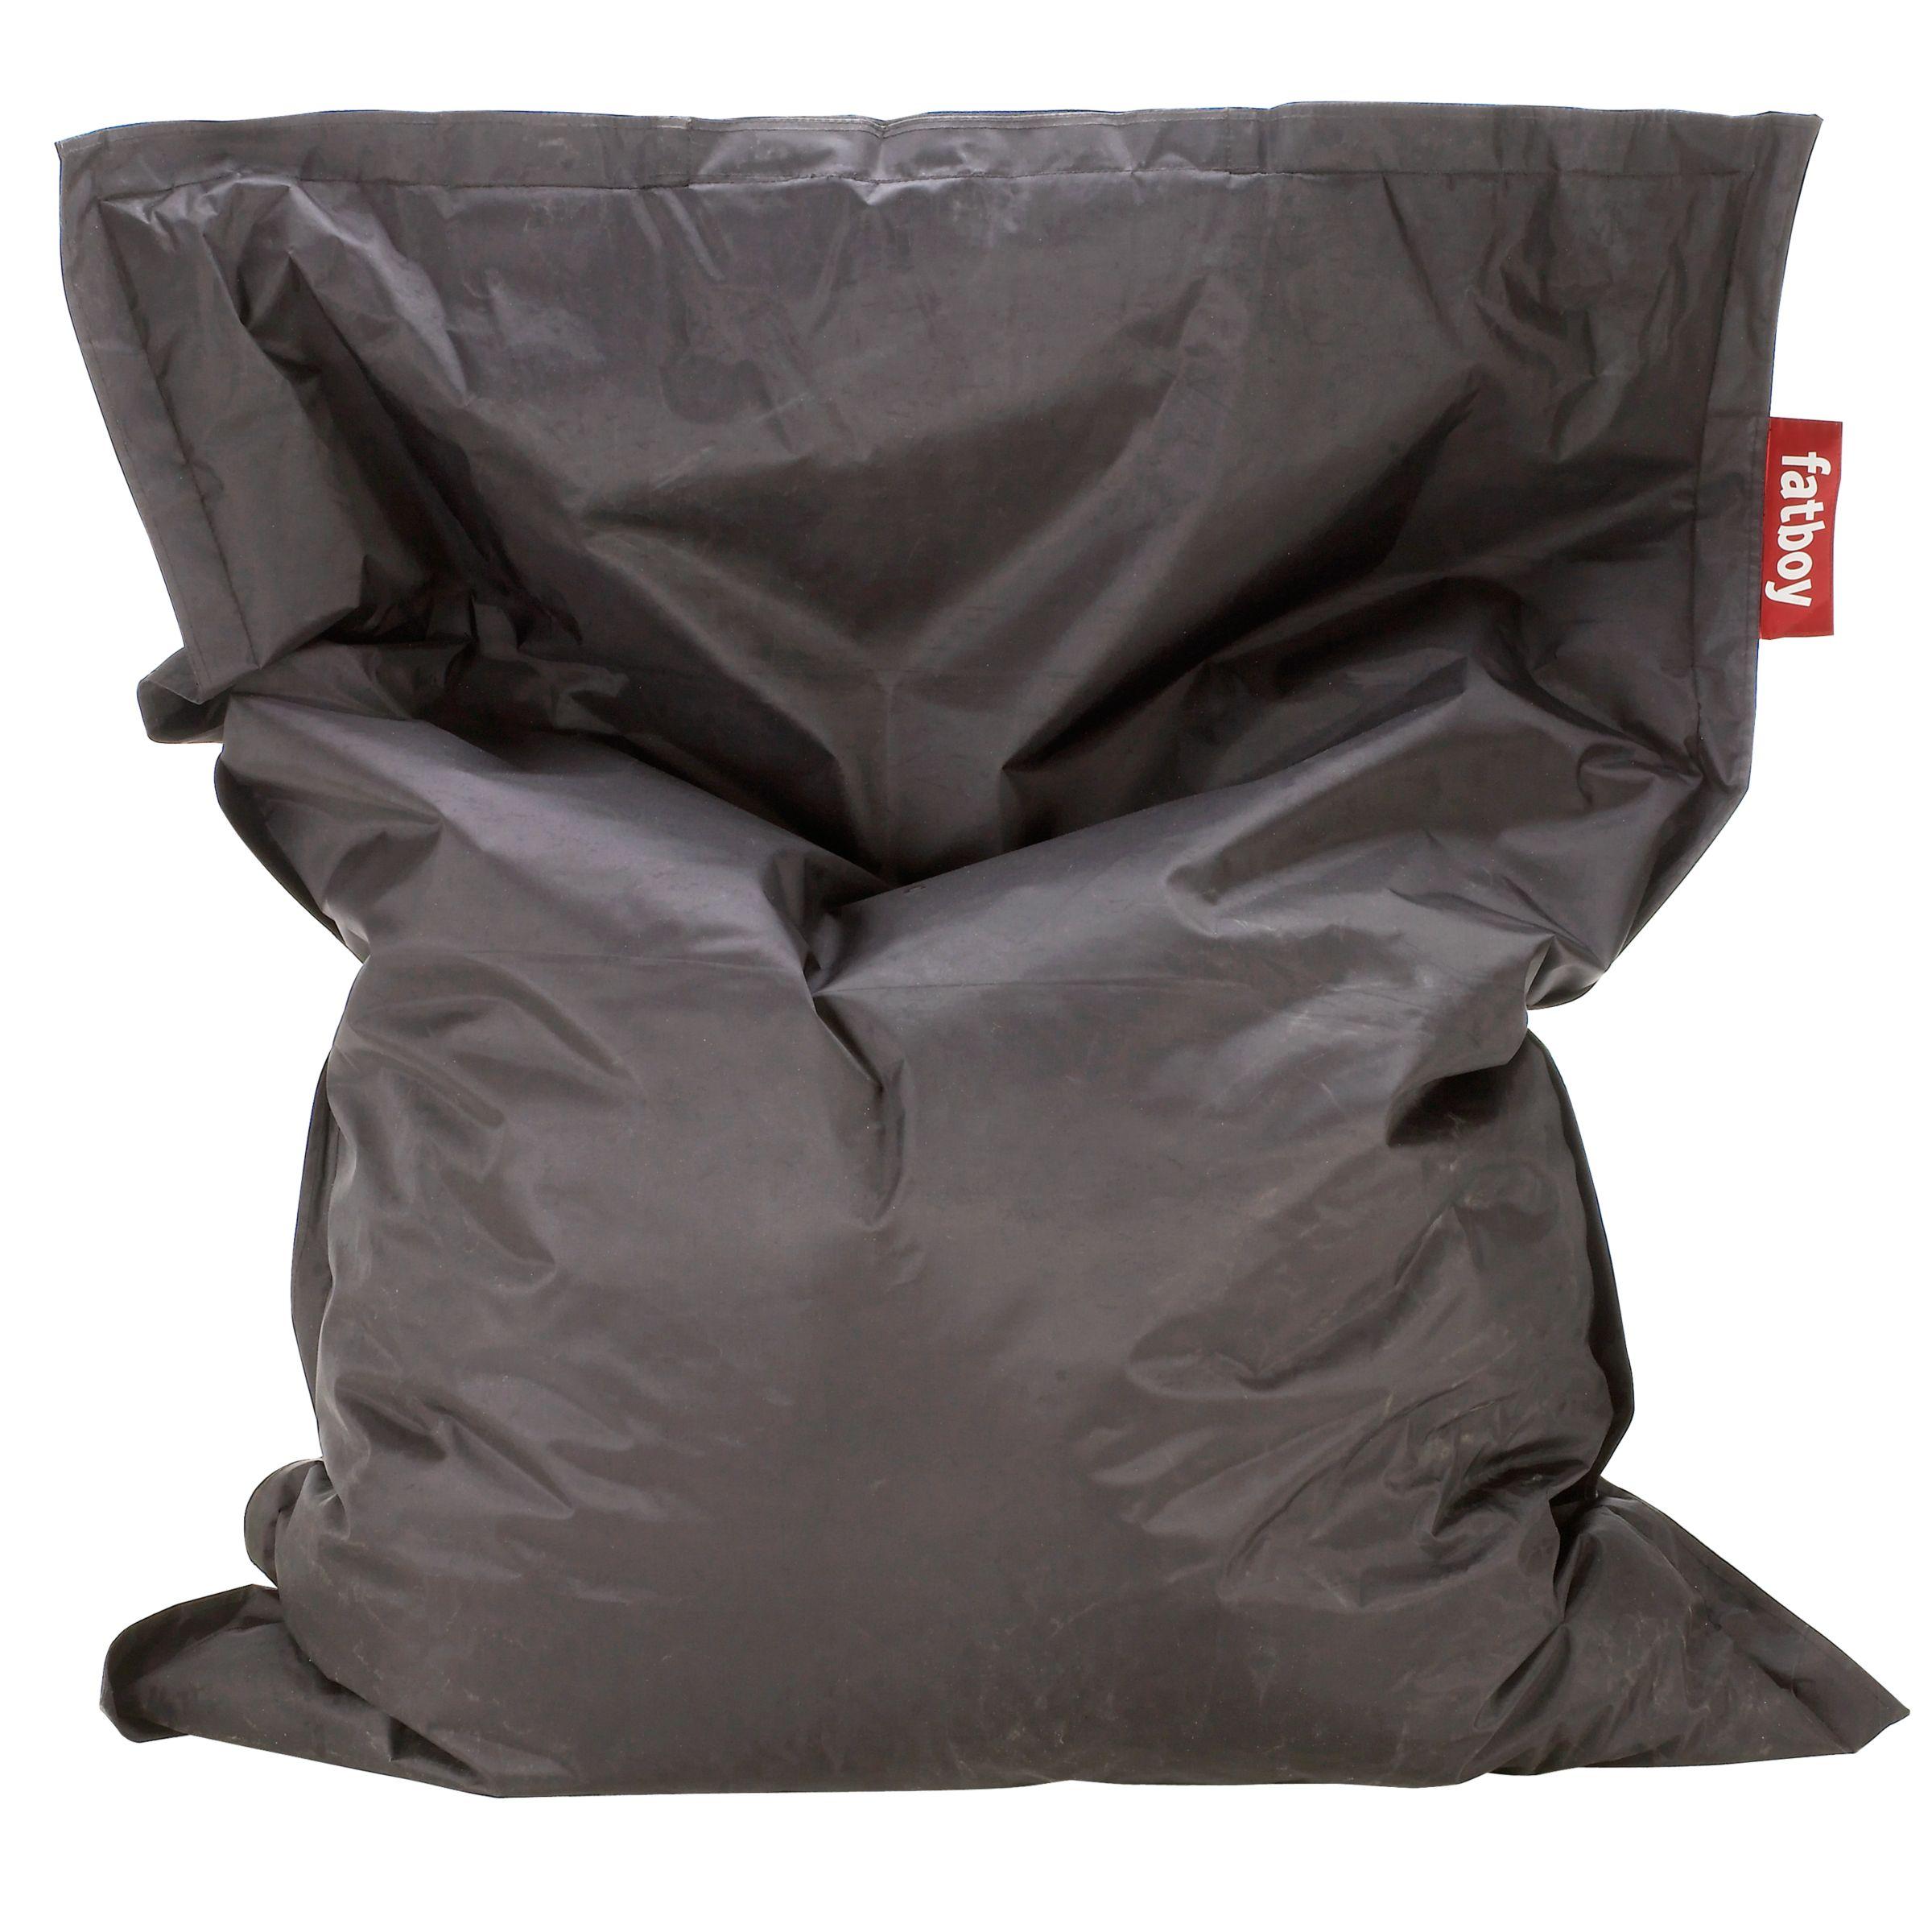 Fat Boy Bean Bag, Grey